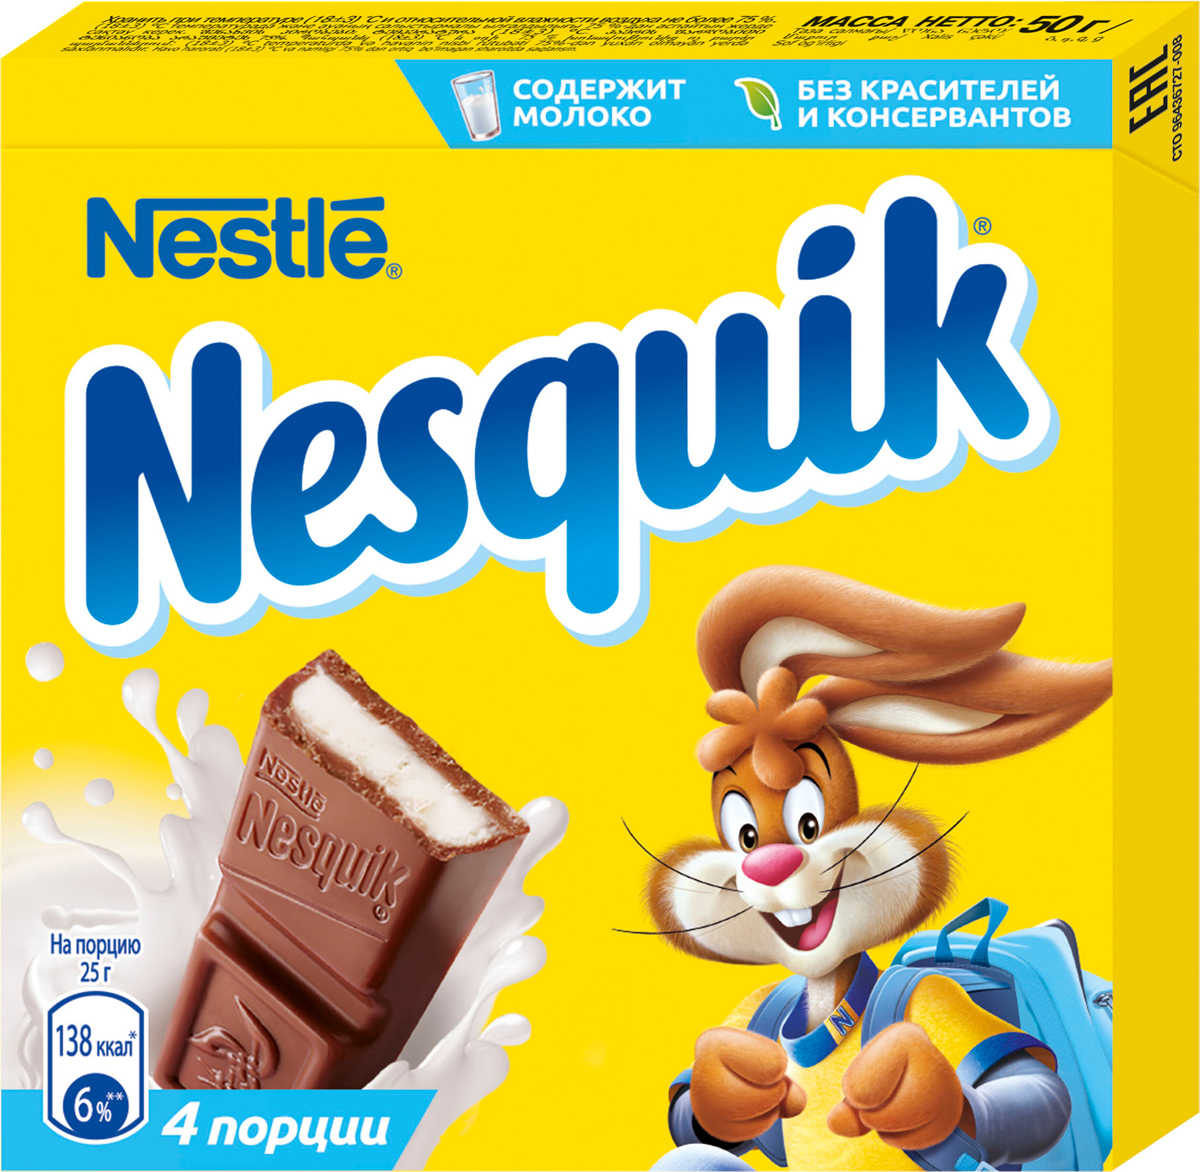 Nesquik молочный шоколад с молочной начинкой, 50 г kinder chocolate шоколад молочный с молочной начинкой 50 г